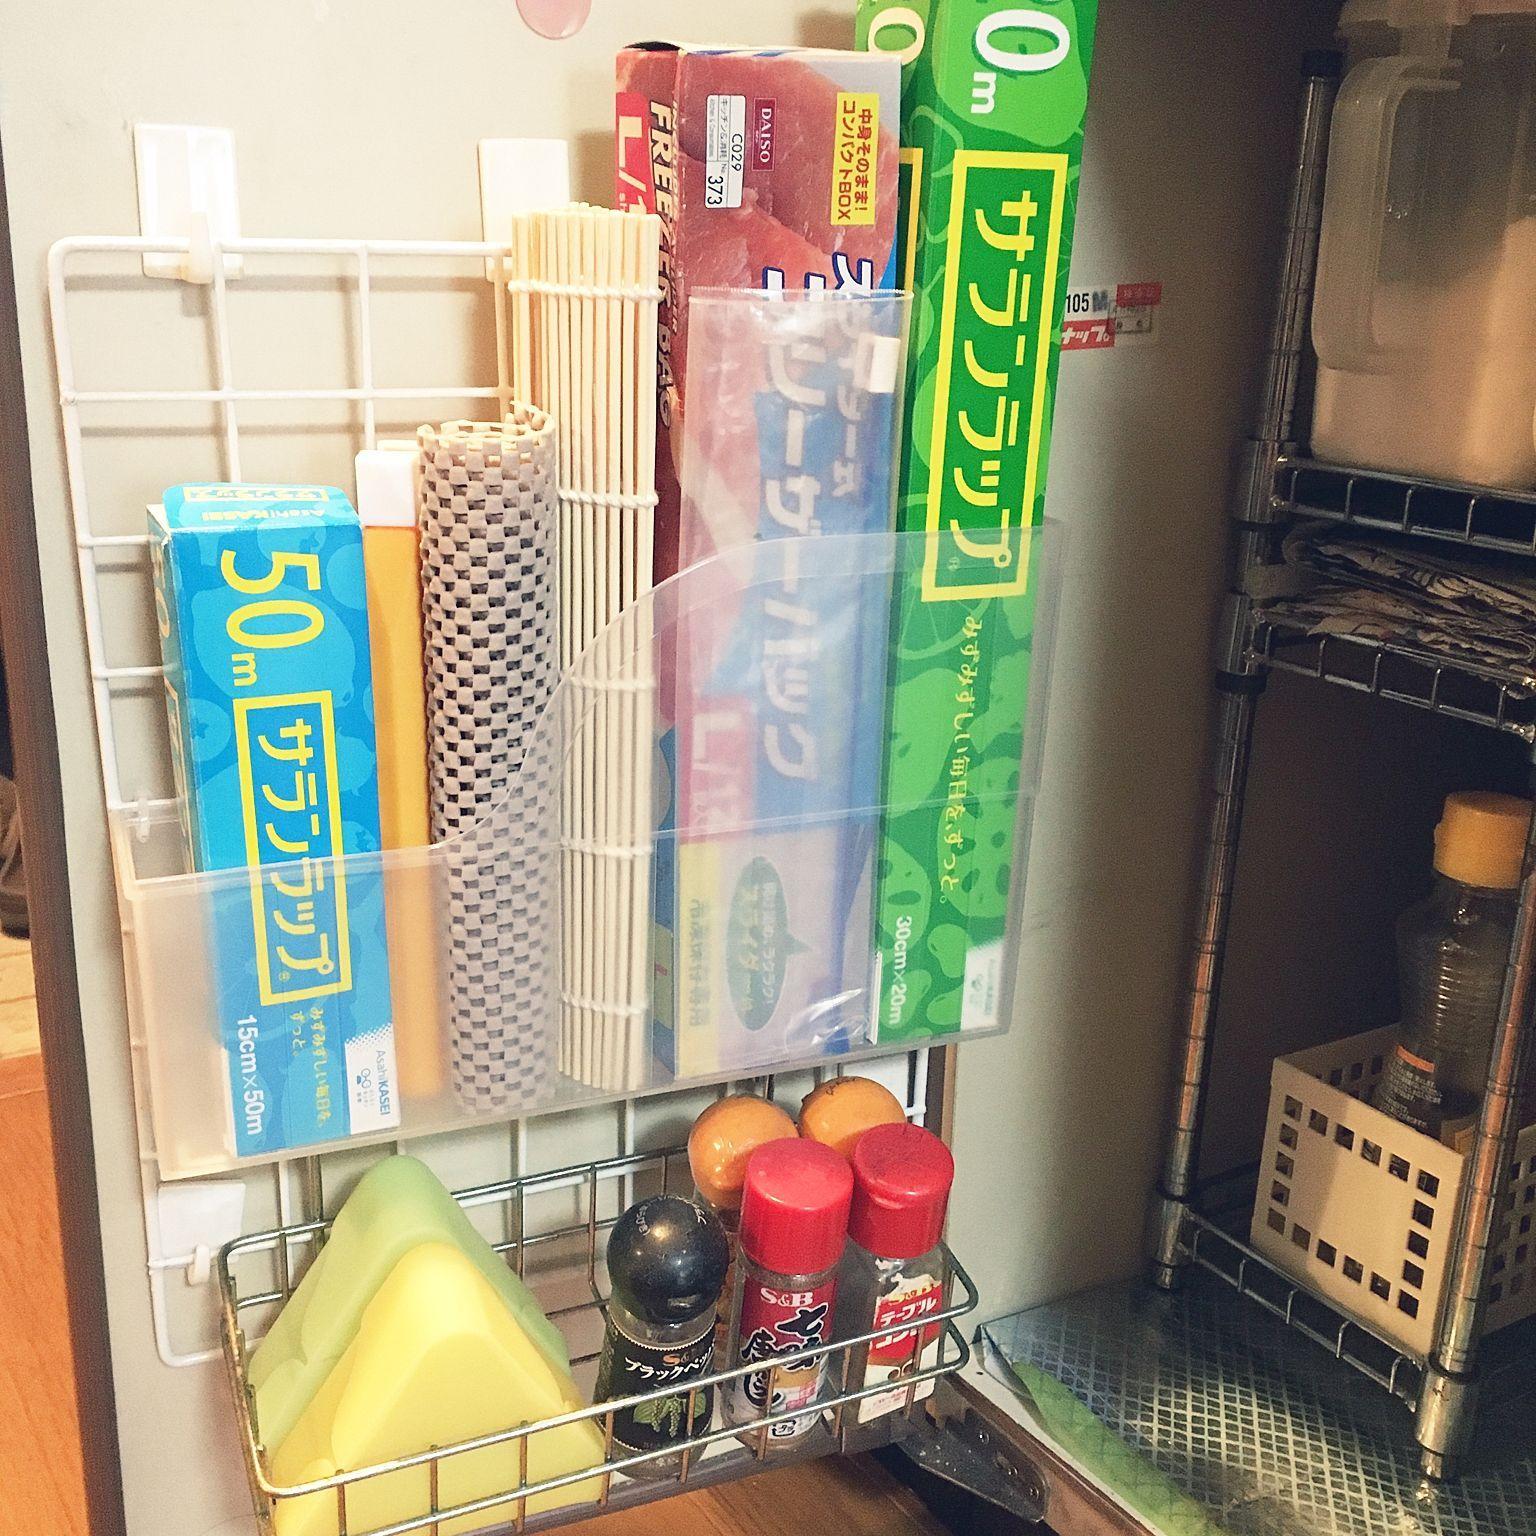 キッチン 粘着フック ワイヤーネット 扉裏収納 100均 などのインテリア実例 2017 01 05 16 16 50 Roomclip ルームクリップ 台所収納アイデア 家の整理整頓